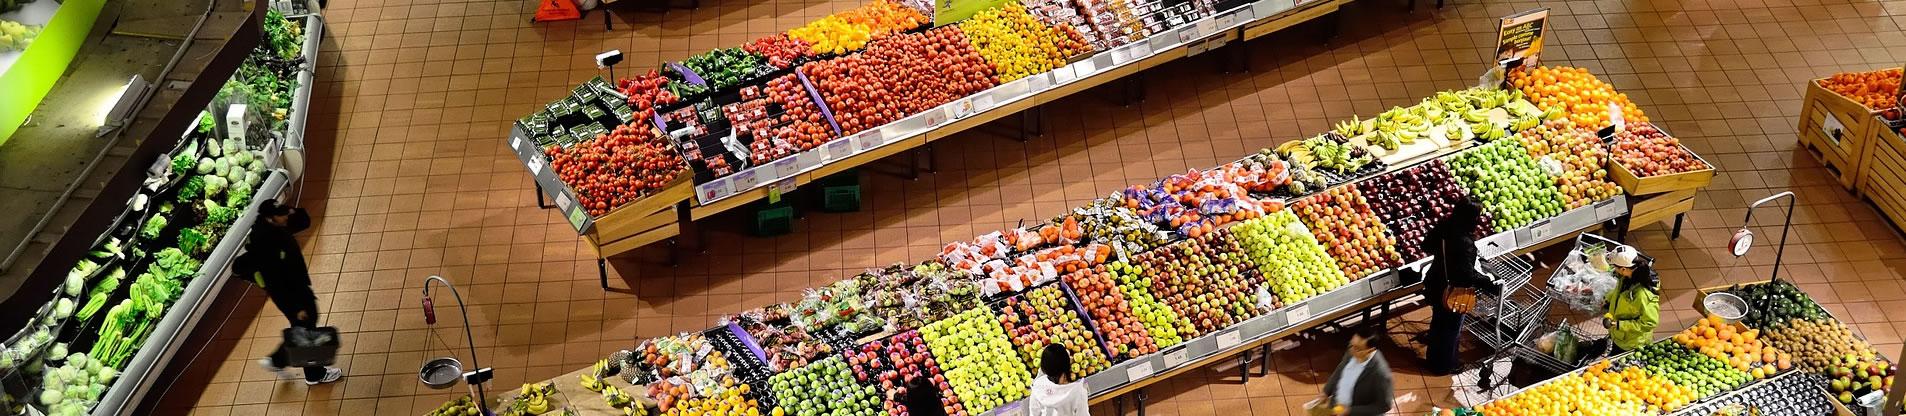 importateur-de-fruits-exotiques-et-fruits-de-contre-saison-marseille-france-10